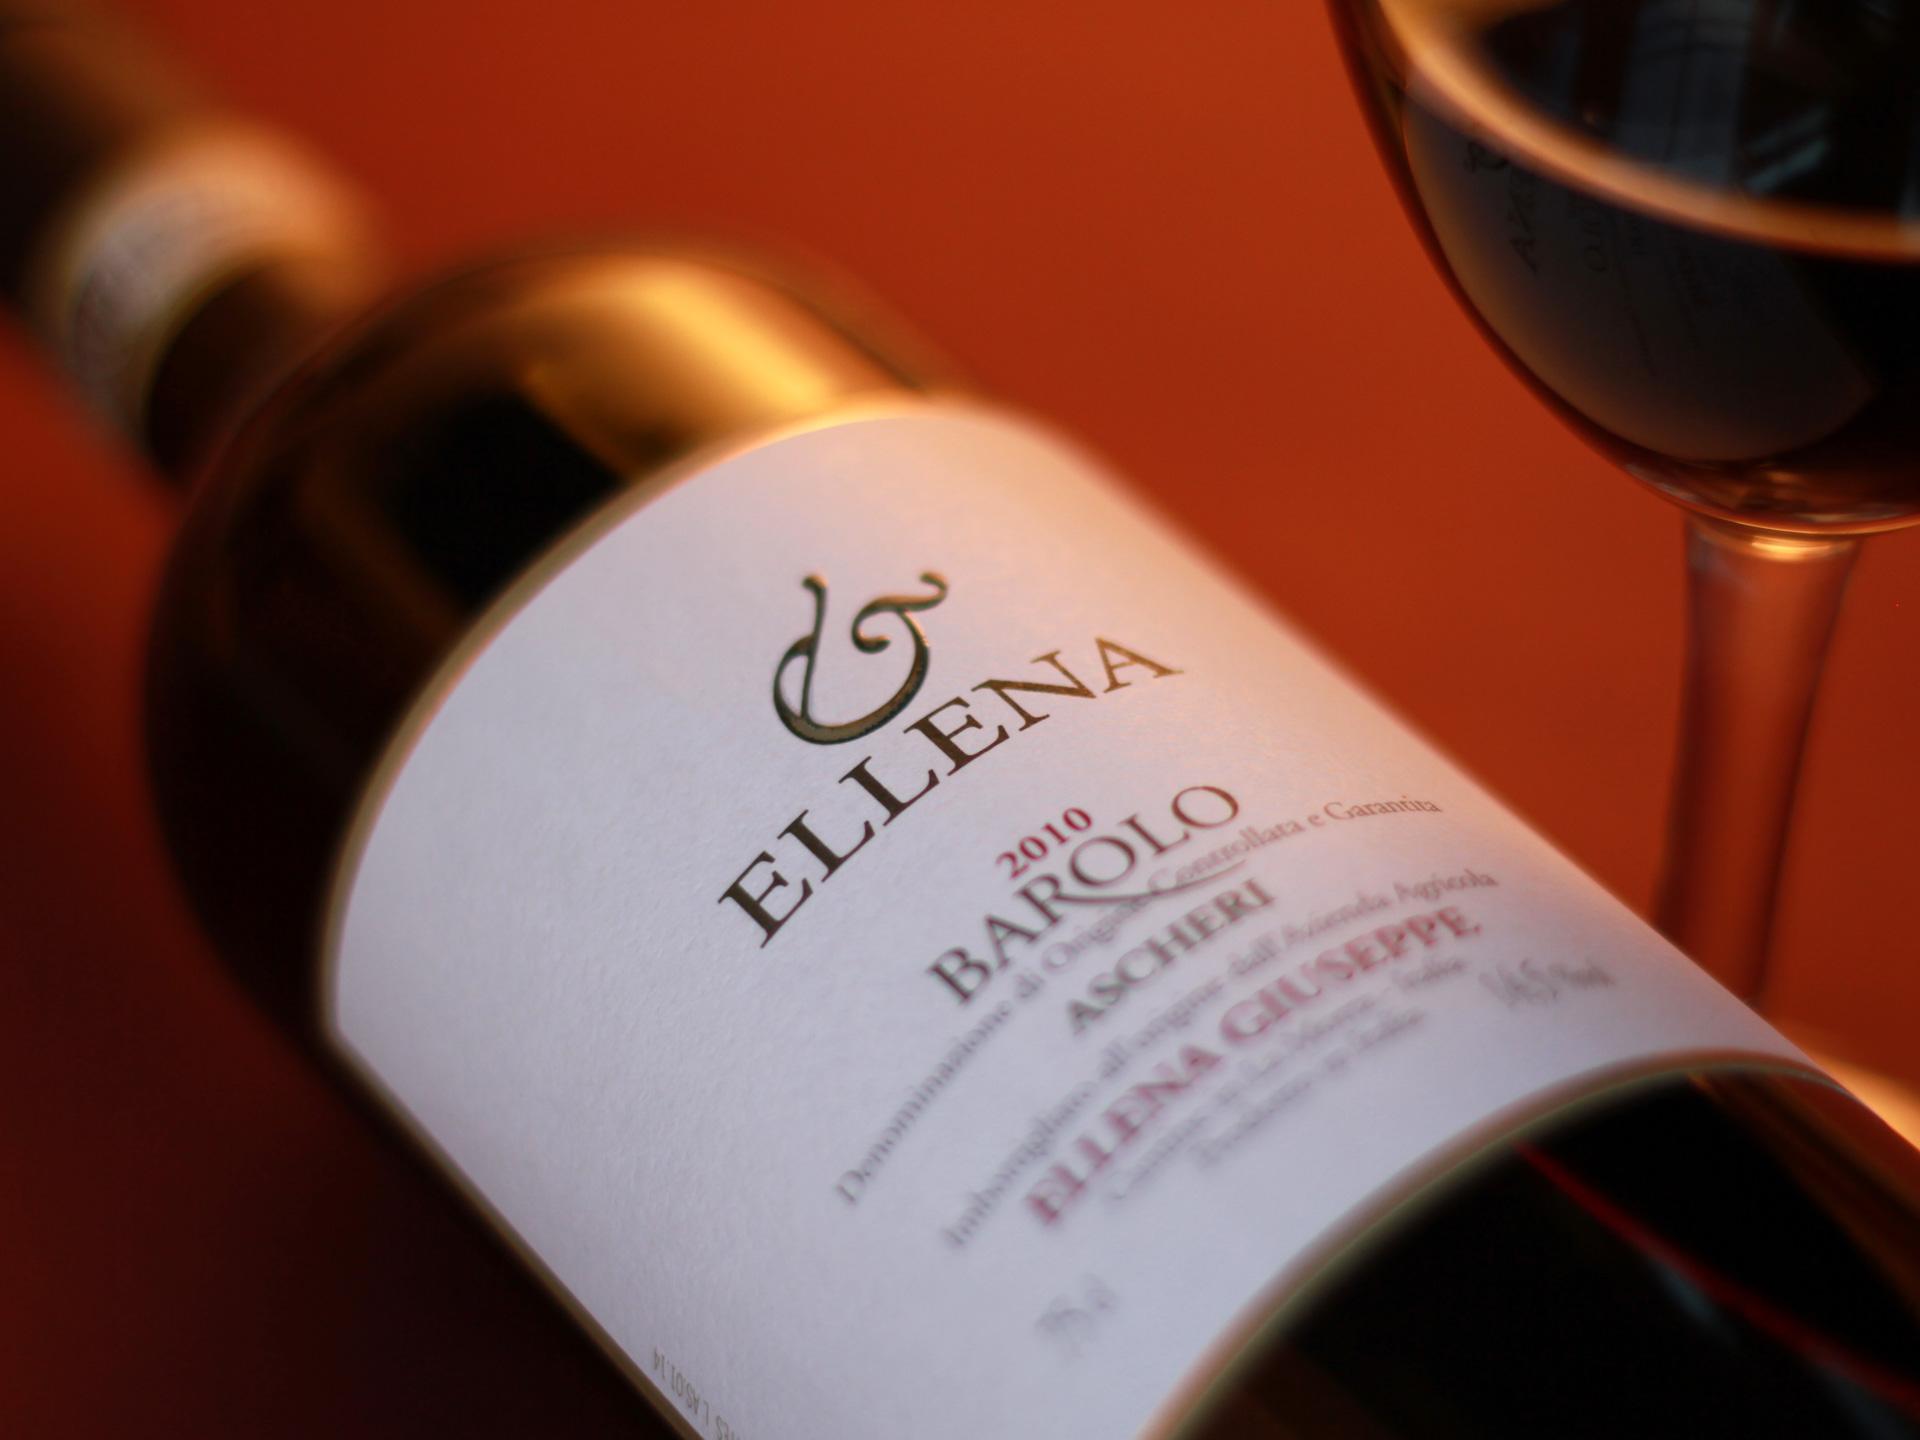 Giuseppe Ellena Barolo wine photography